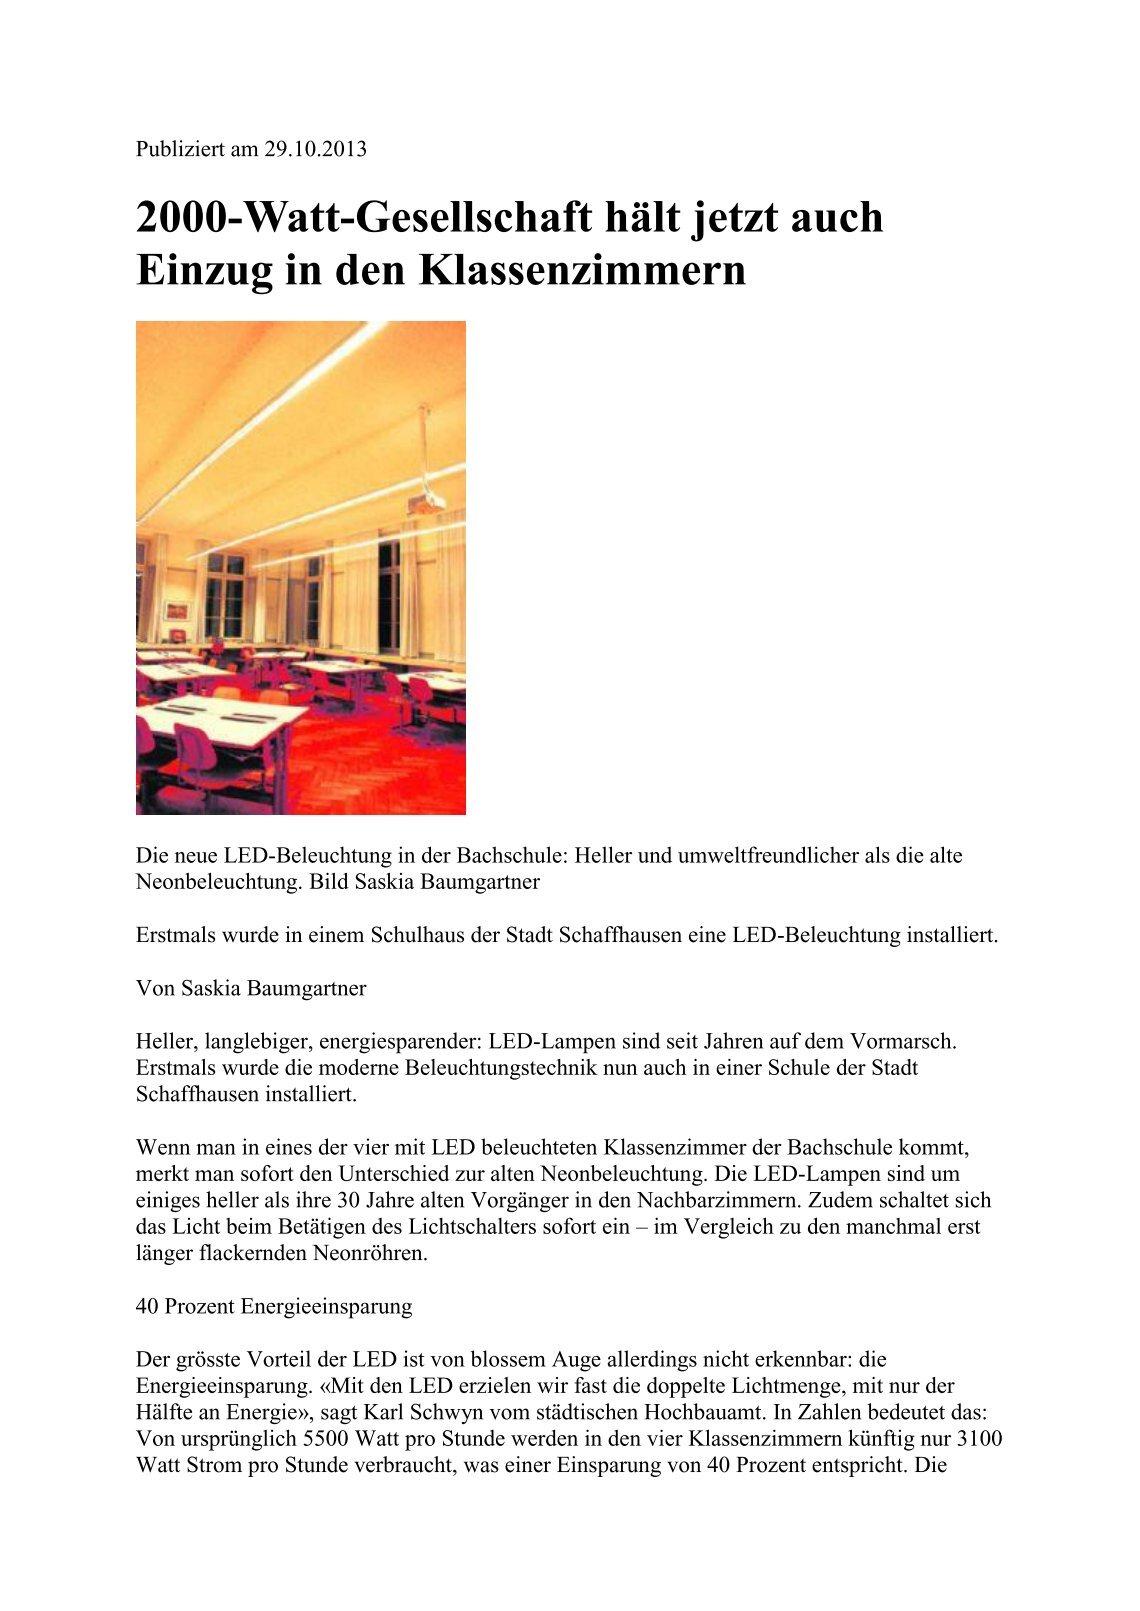 Großzügig Wie Man Die Beleuchtung Verbindet Bilder - Elektrische ...